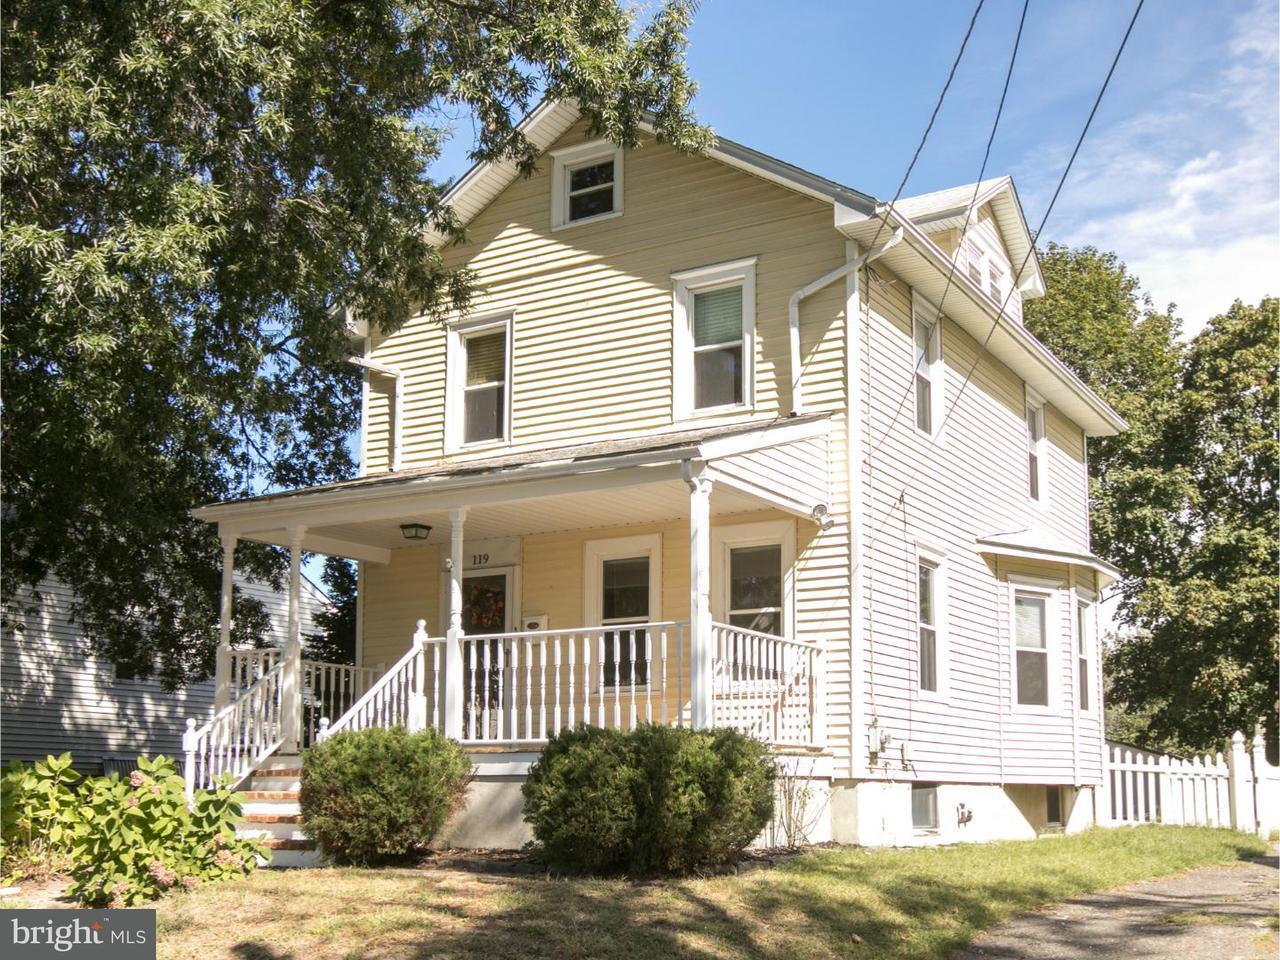 独户住宅 为 出租 在 119 MELROSE Avenue Haddon Township, 新泽西州 08108 美国